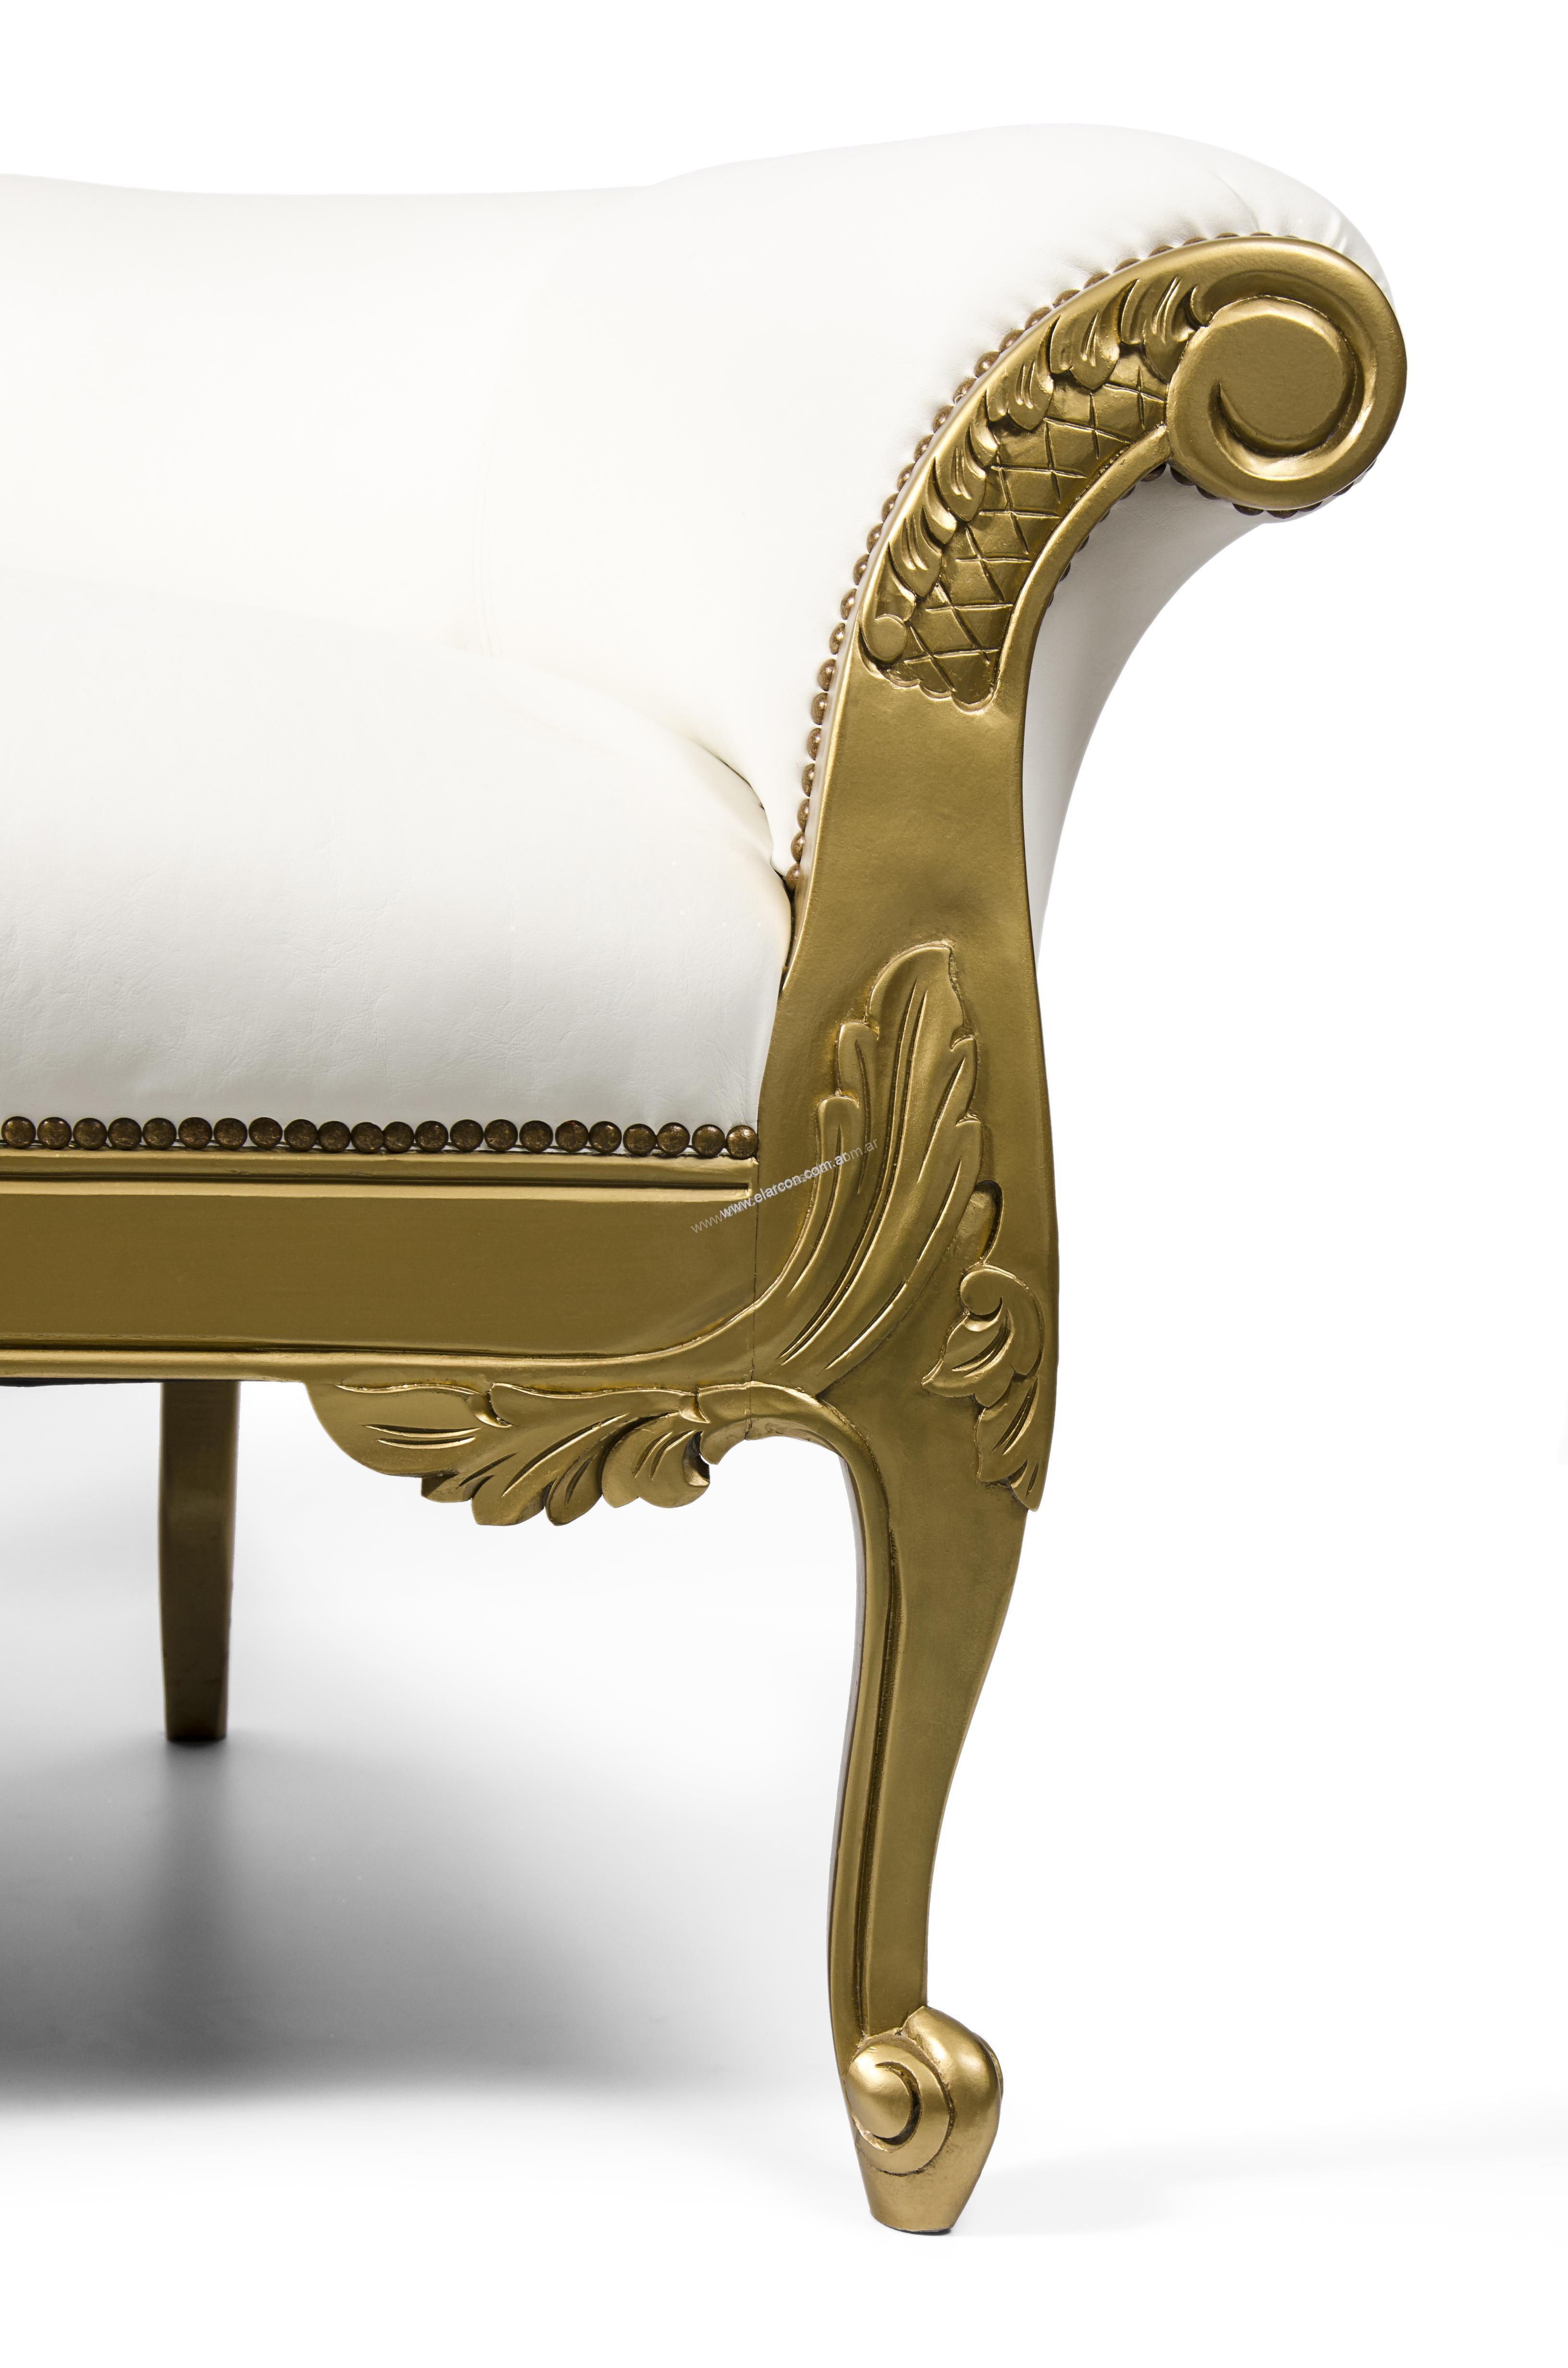 Chaise longue estilo franc s provenzal el arc n for Sillones chaise longue